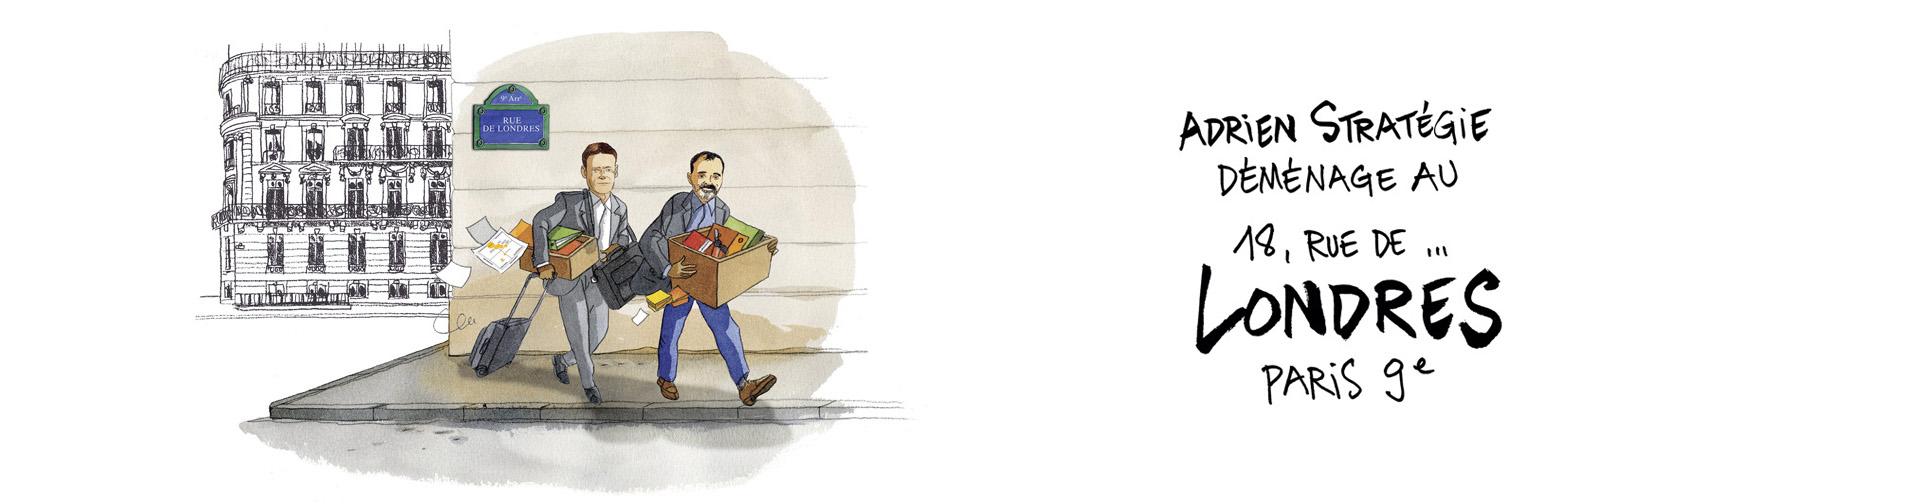 Adrien Stratégie déménage